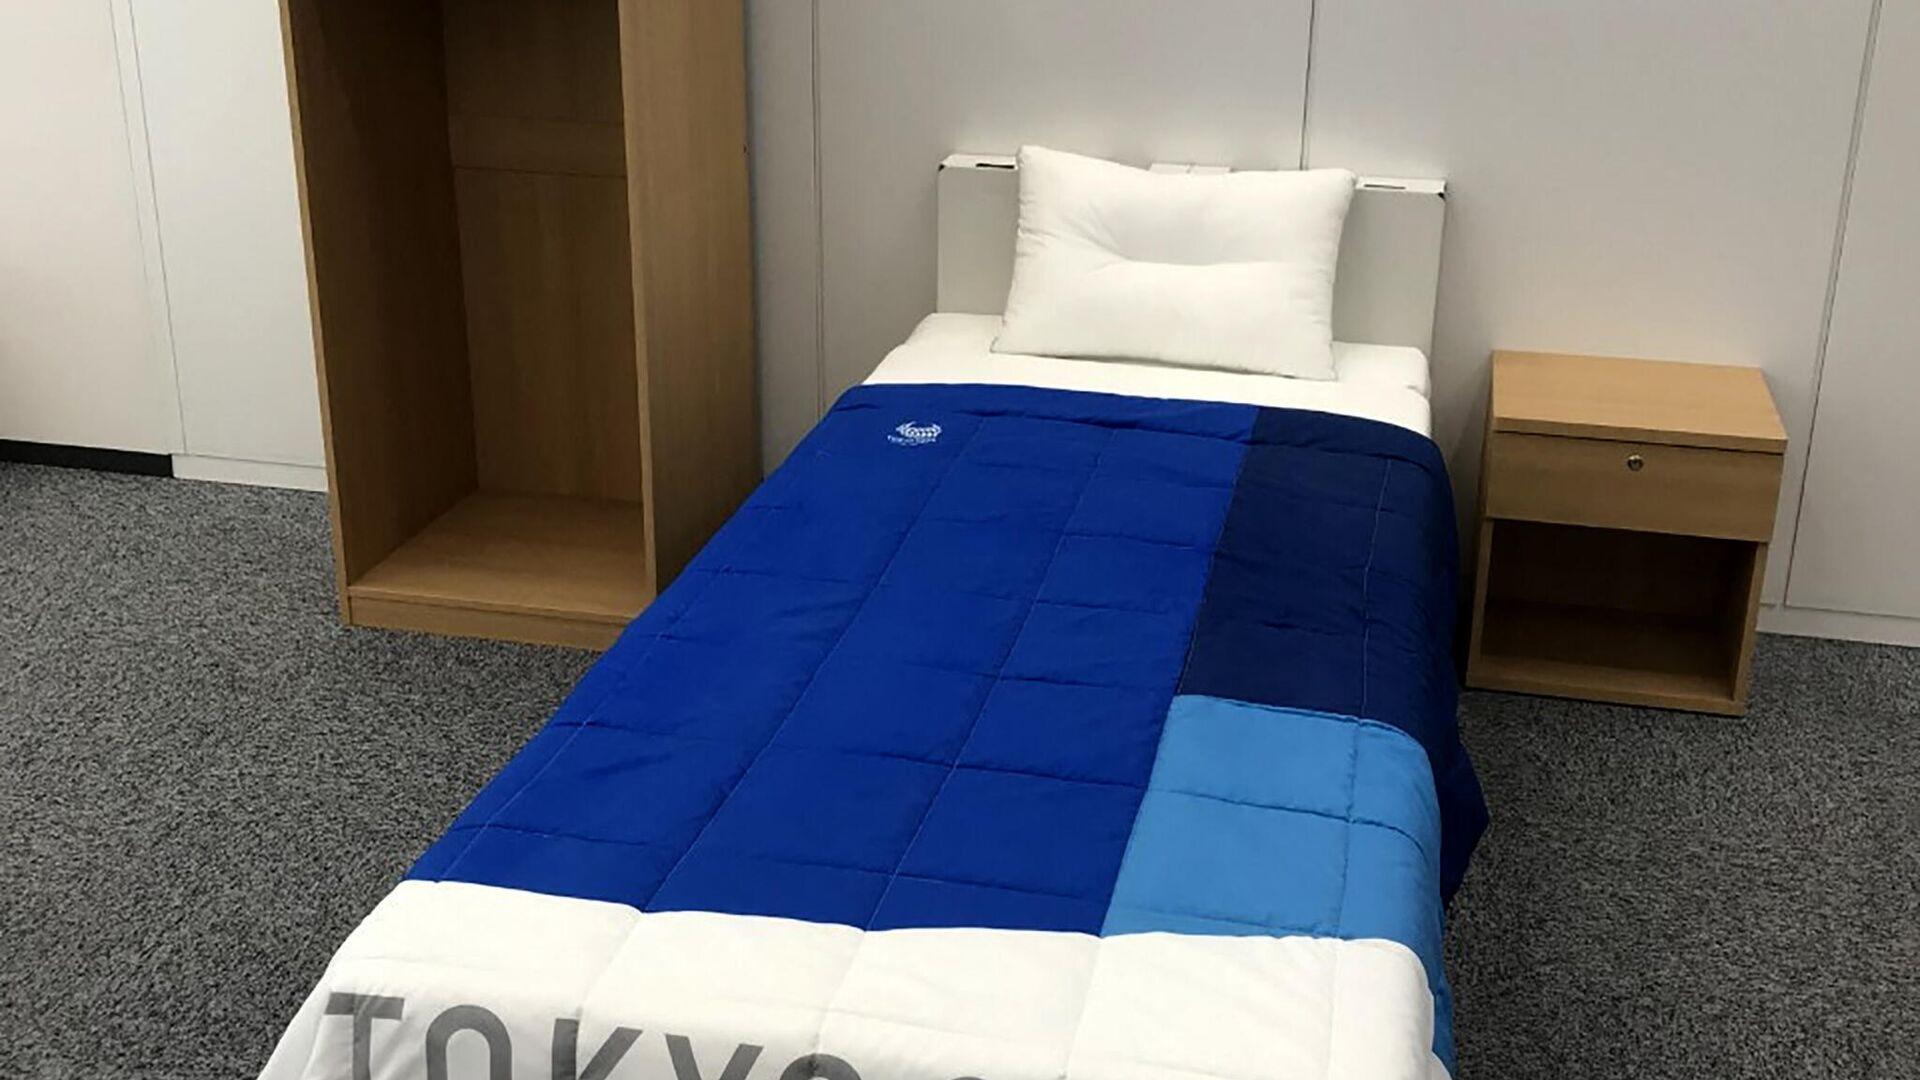 Картонные кровати для спортсменов в Олимпийской деревне на Играх в Токио - РИА Новости, 1920, 01.08.2021